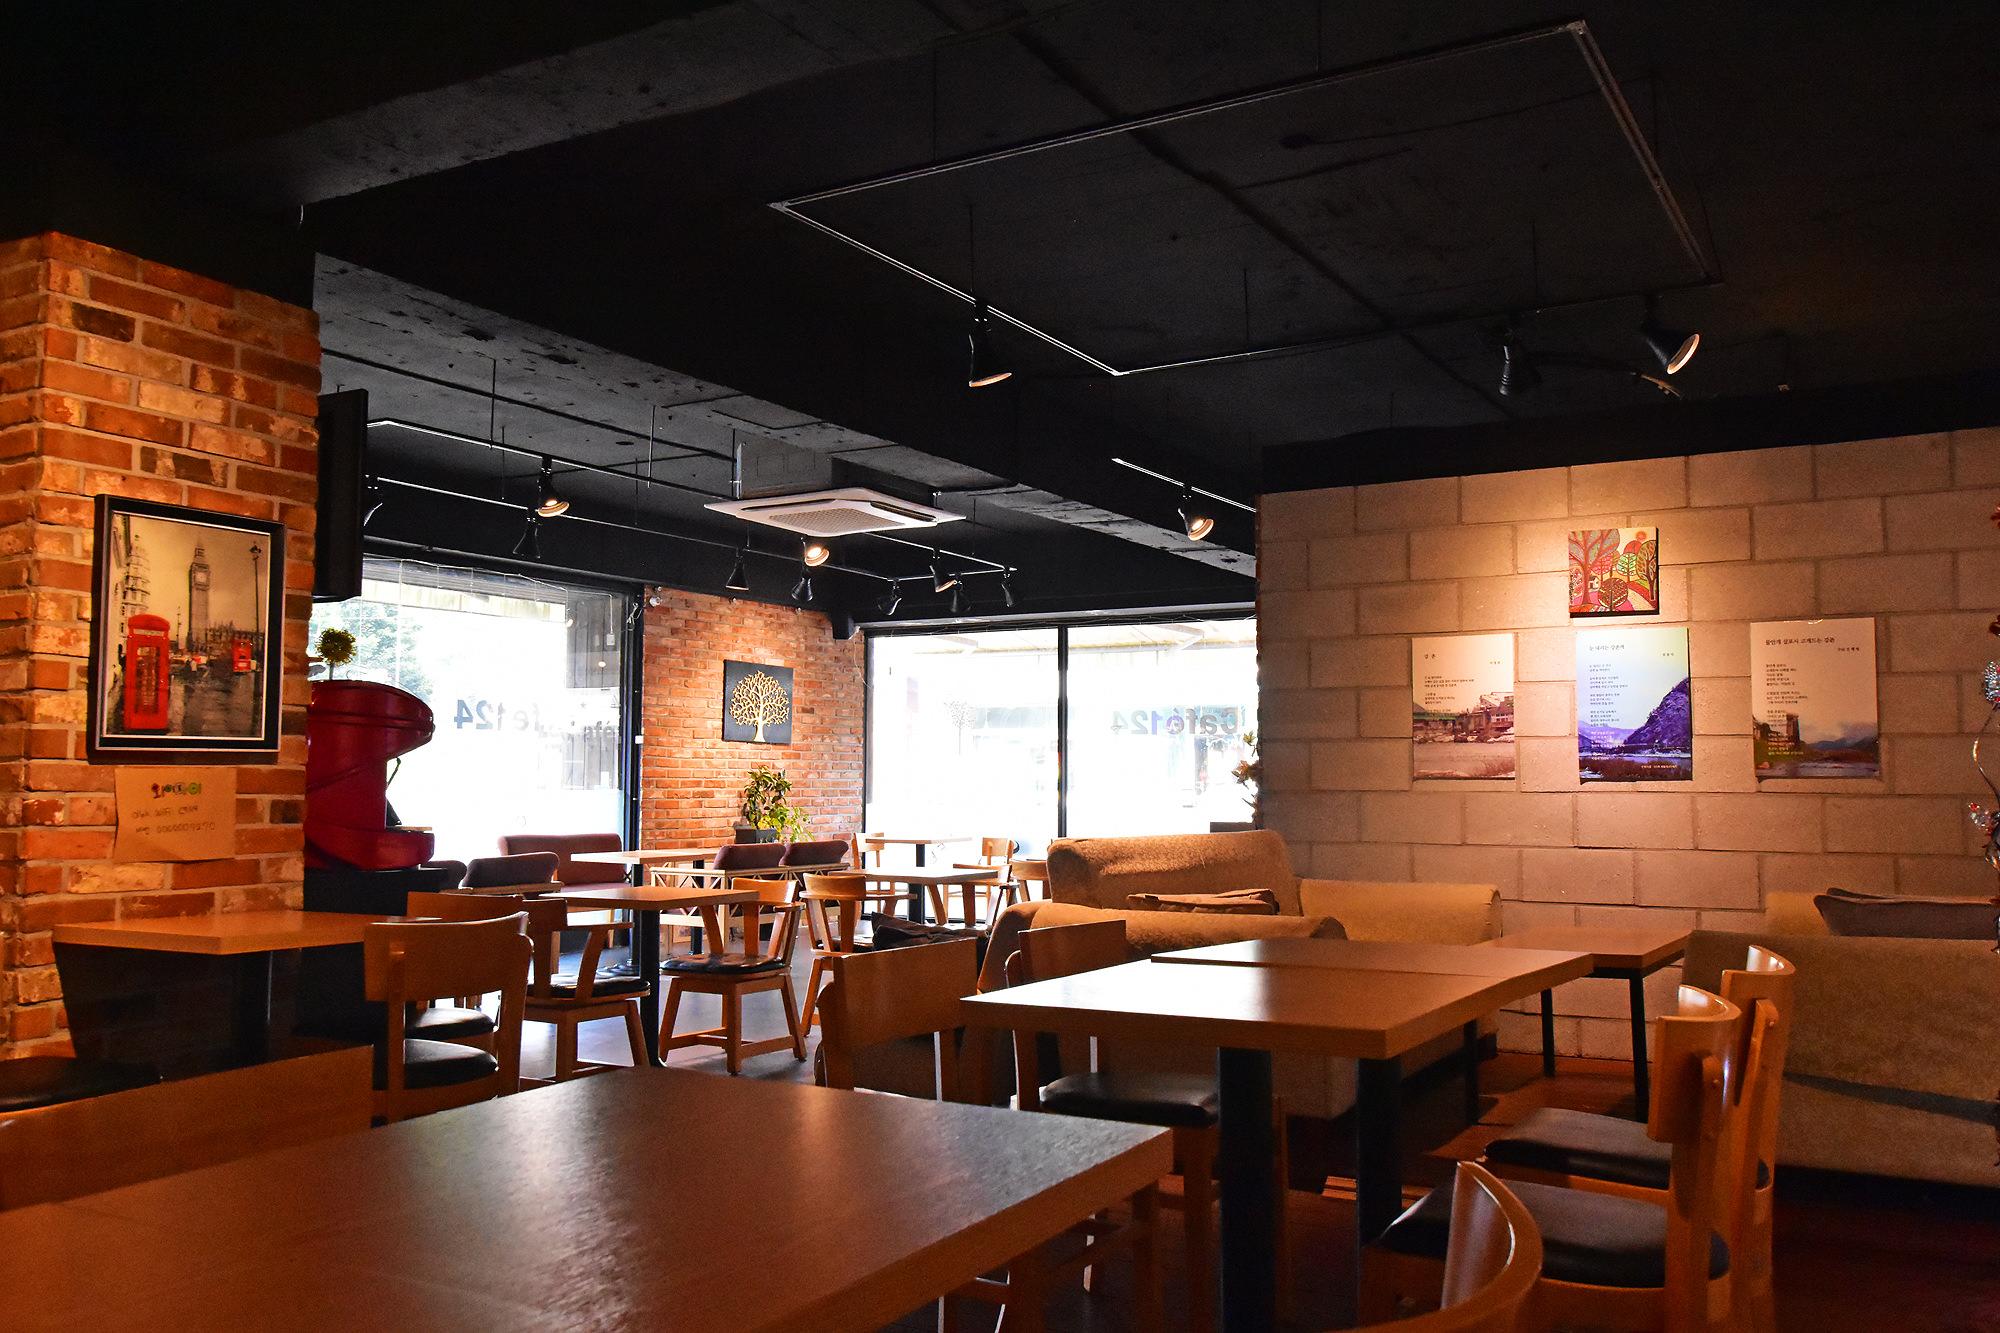 CAFE124 이미지 4